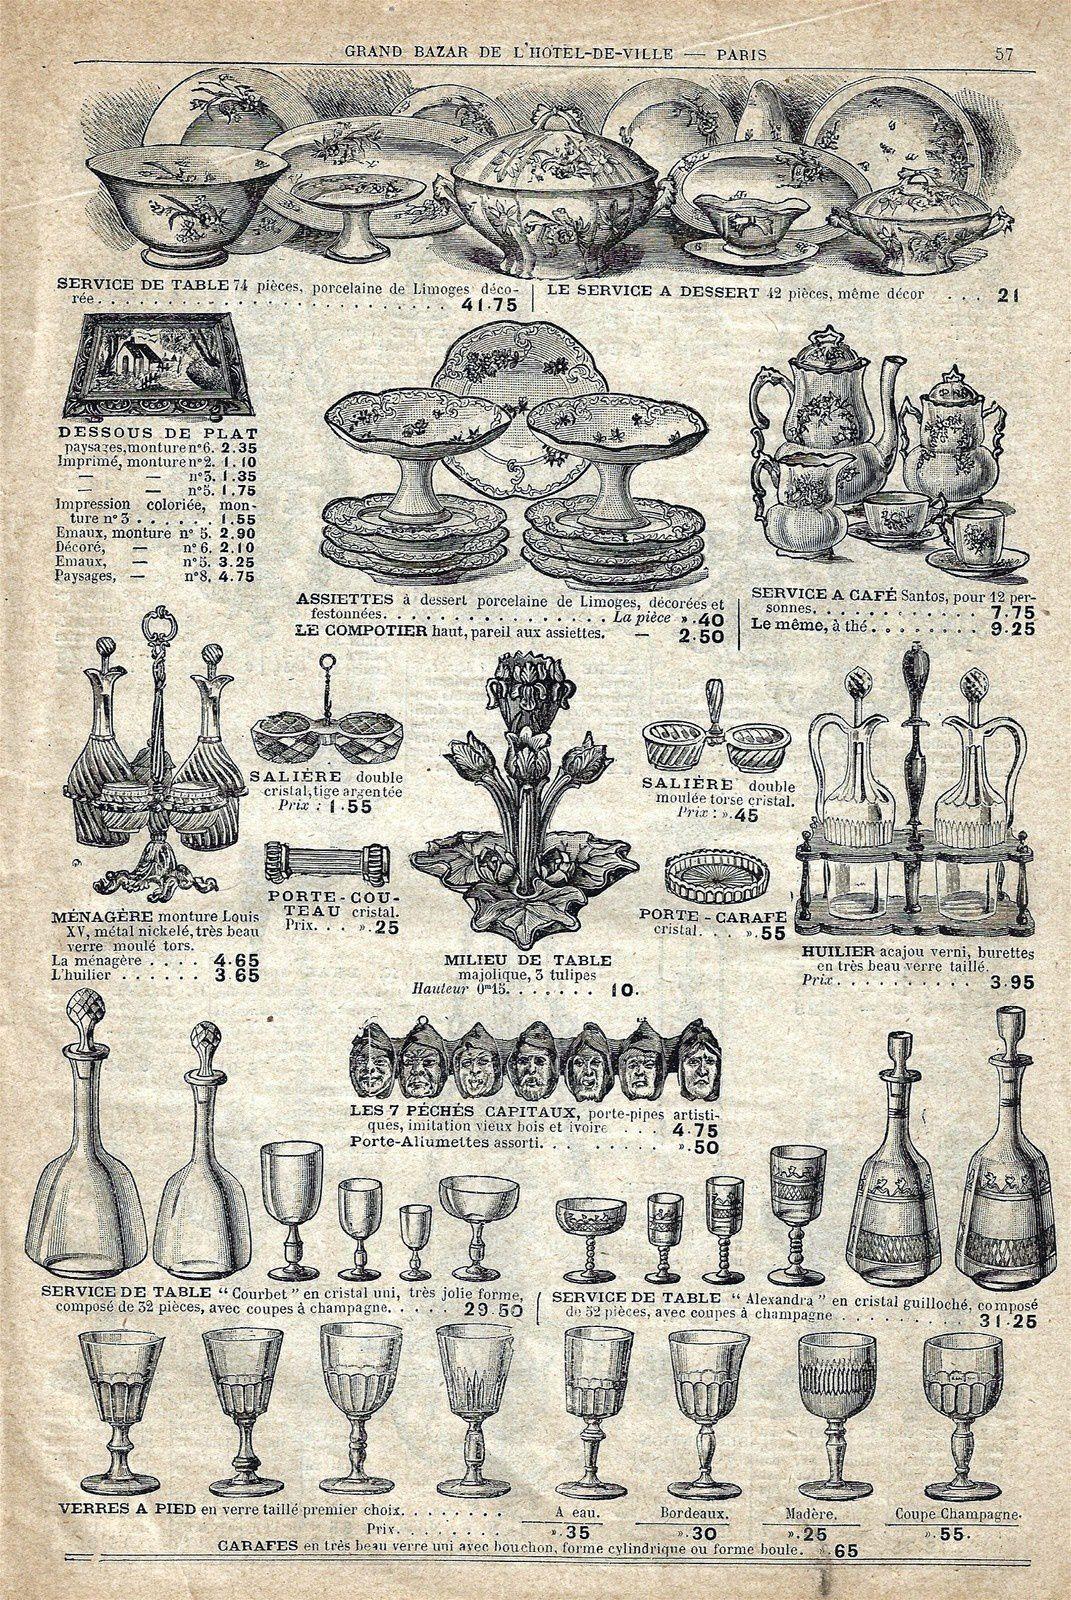 Mémoires : Le BHV à travers l'Histoire  n°20  1906-1909 partie 3